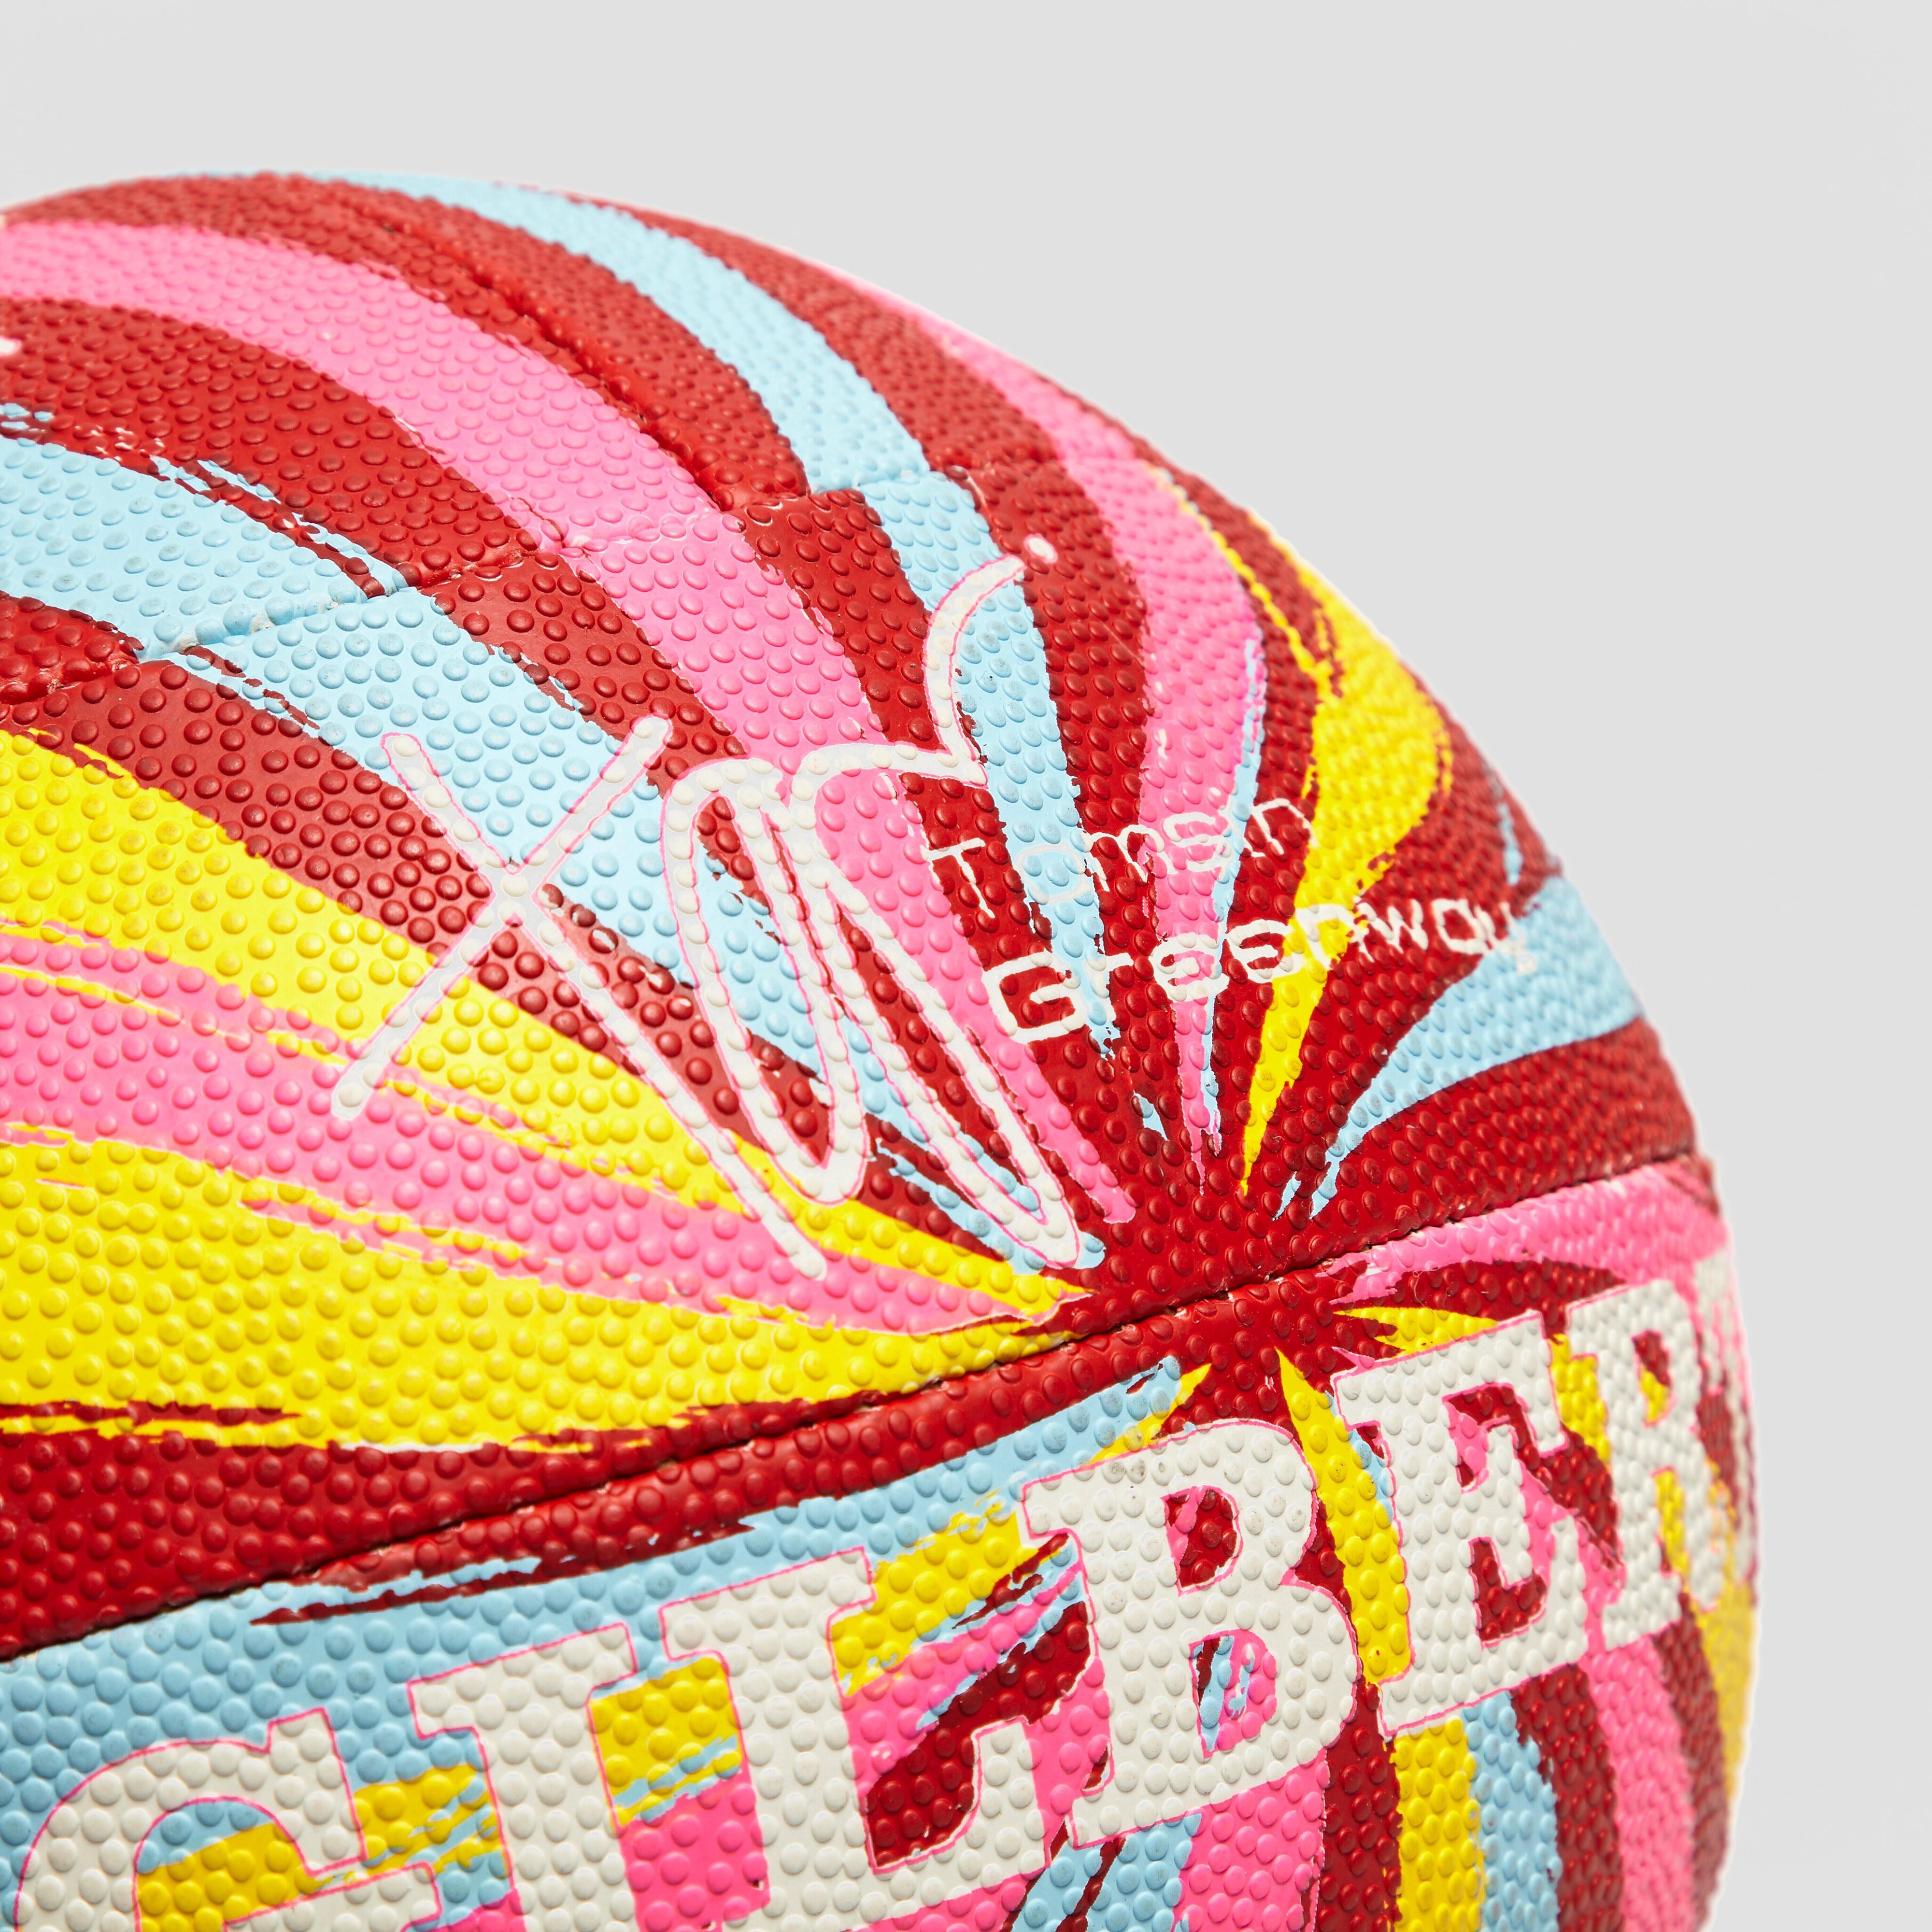 Gilbert Signature Tasmin Greenway Netball